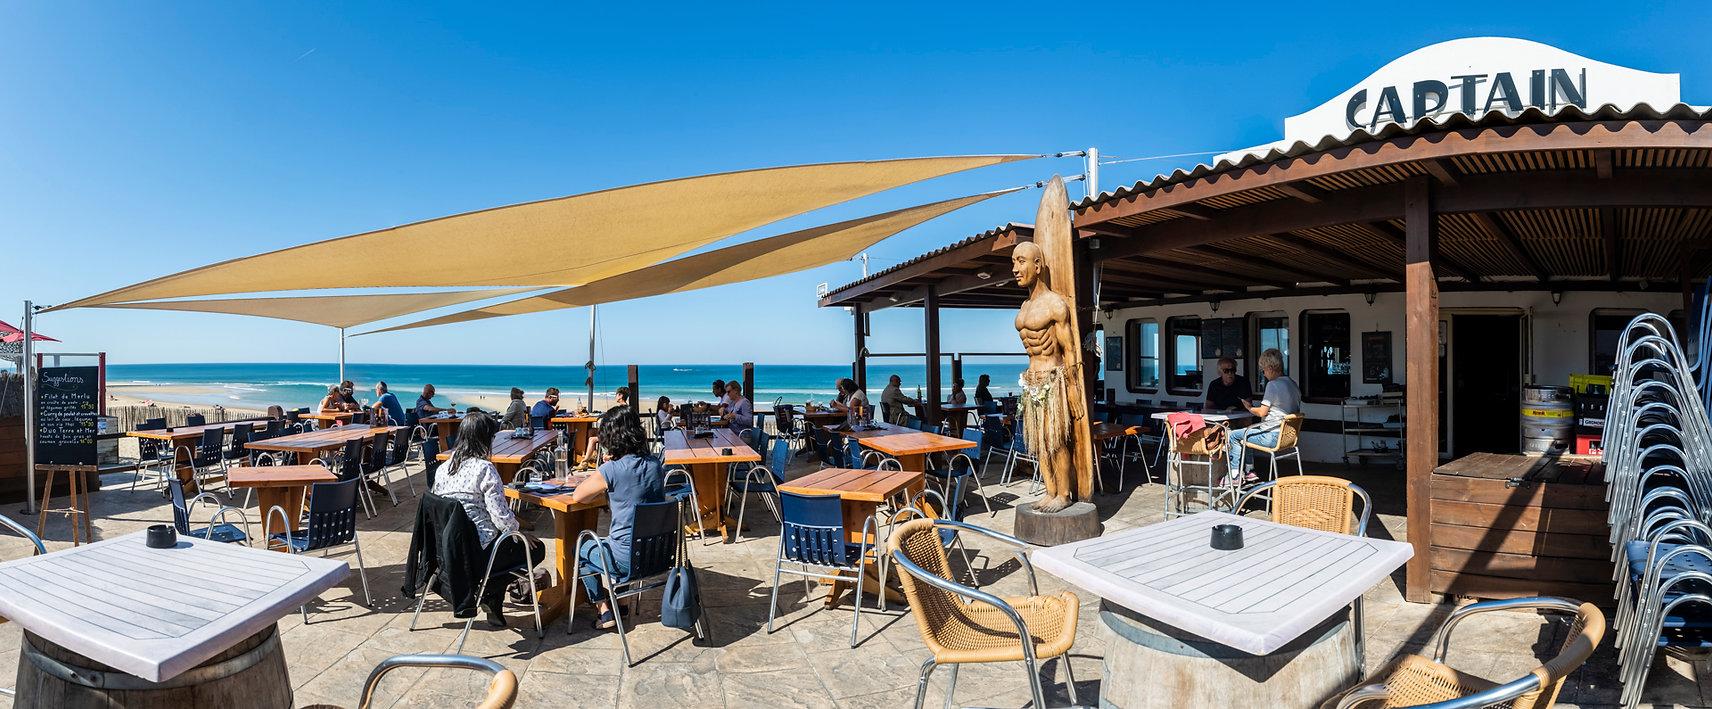 Terrasse Captain Bar Restaurant Vieux Boucau